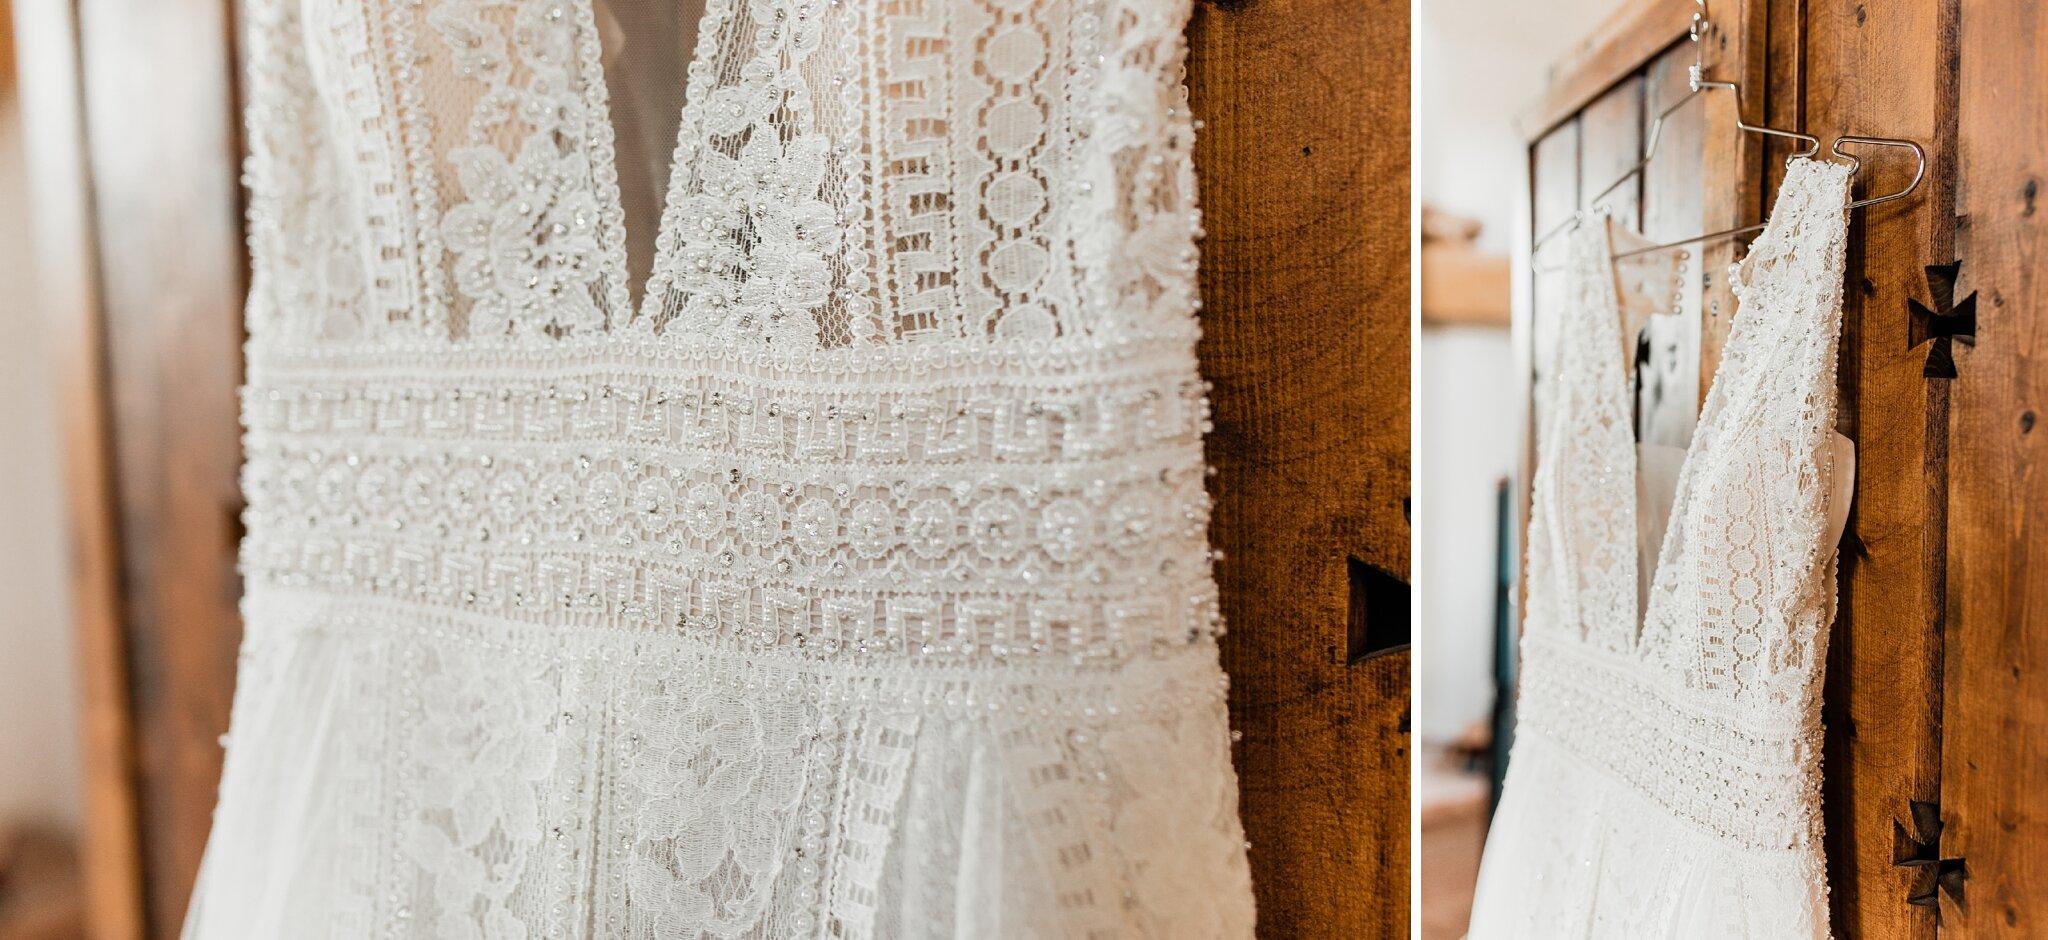 Alicia+lucia+photography+-+albuquerque+wedding+photographer+-+santa+fe+wedding+photography+-+new+mexico+wedding+photographer+-+new+mexico+wedding+-+wedding+-+santa+fe+wedding+-+ghost+ranch+-+ghost+ranch+wedding+-+fall+wedding_0005.jpg